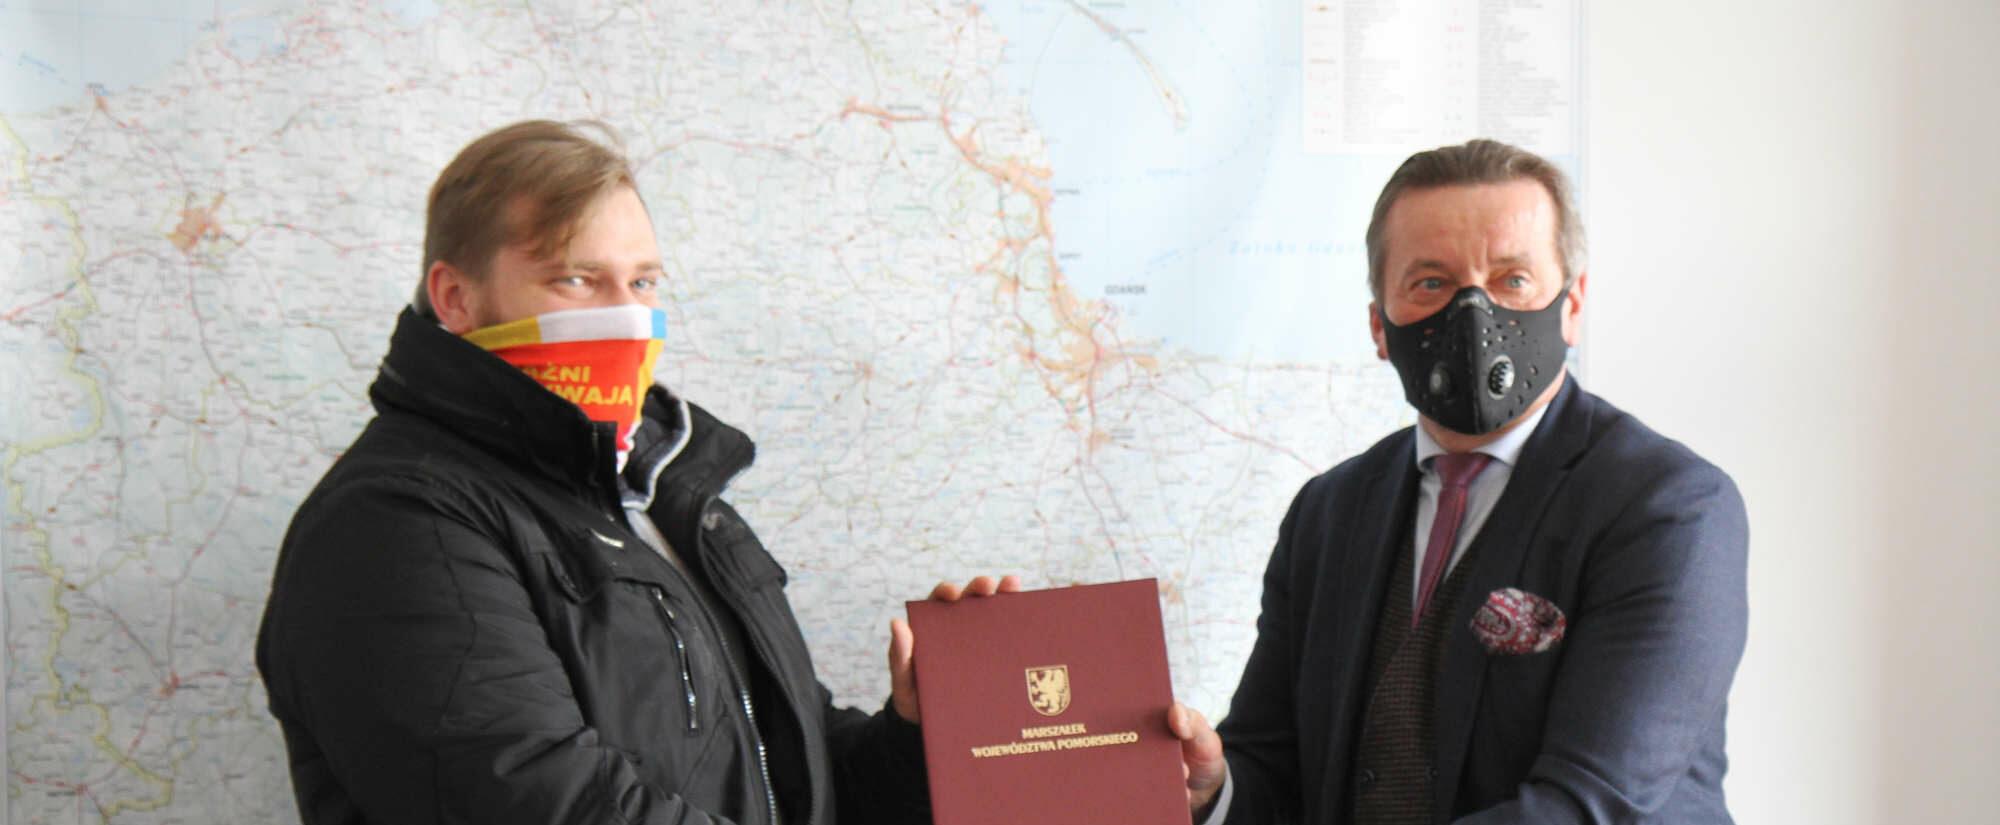 Mieszkaniec Gdyni z medalem marszałka za szczególne zasługi i postawę obywatelską. Uratował człowieka